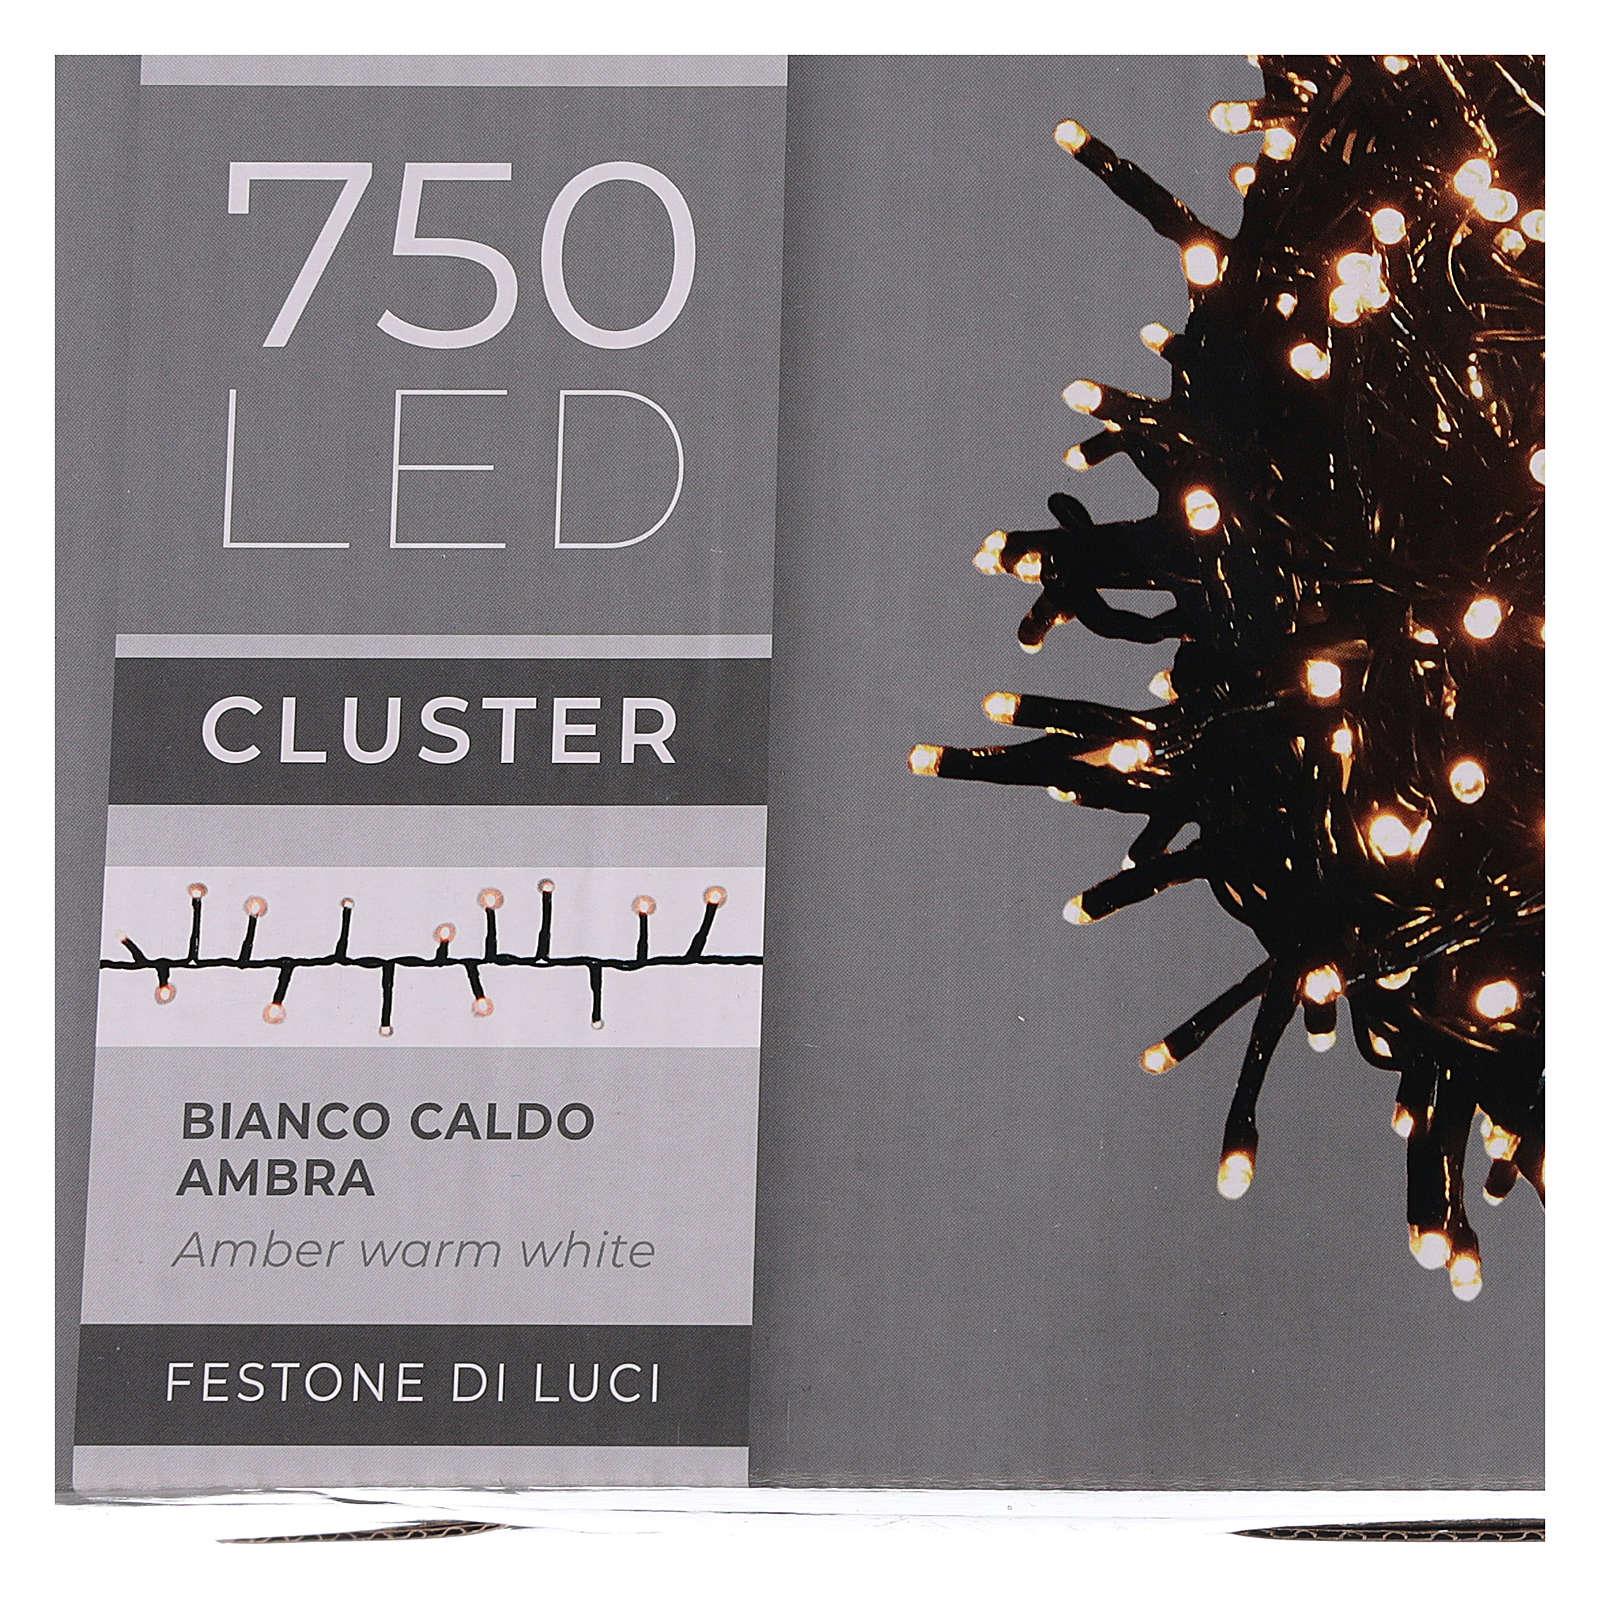 Cadena luminosa 750 led blanco cálido ambarino exterior 220V 3